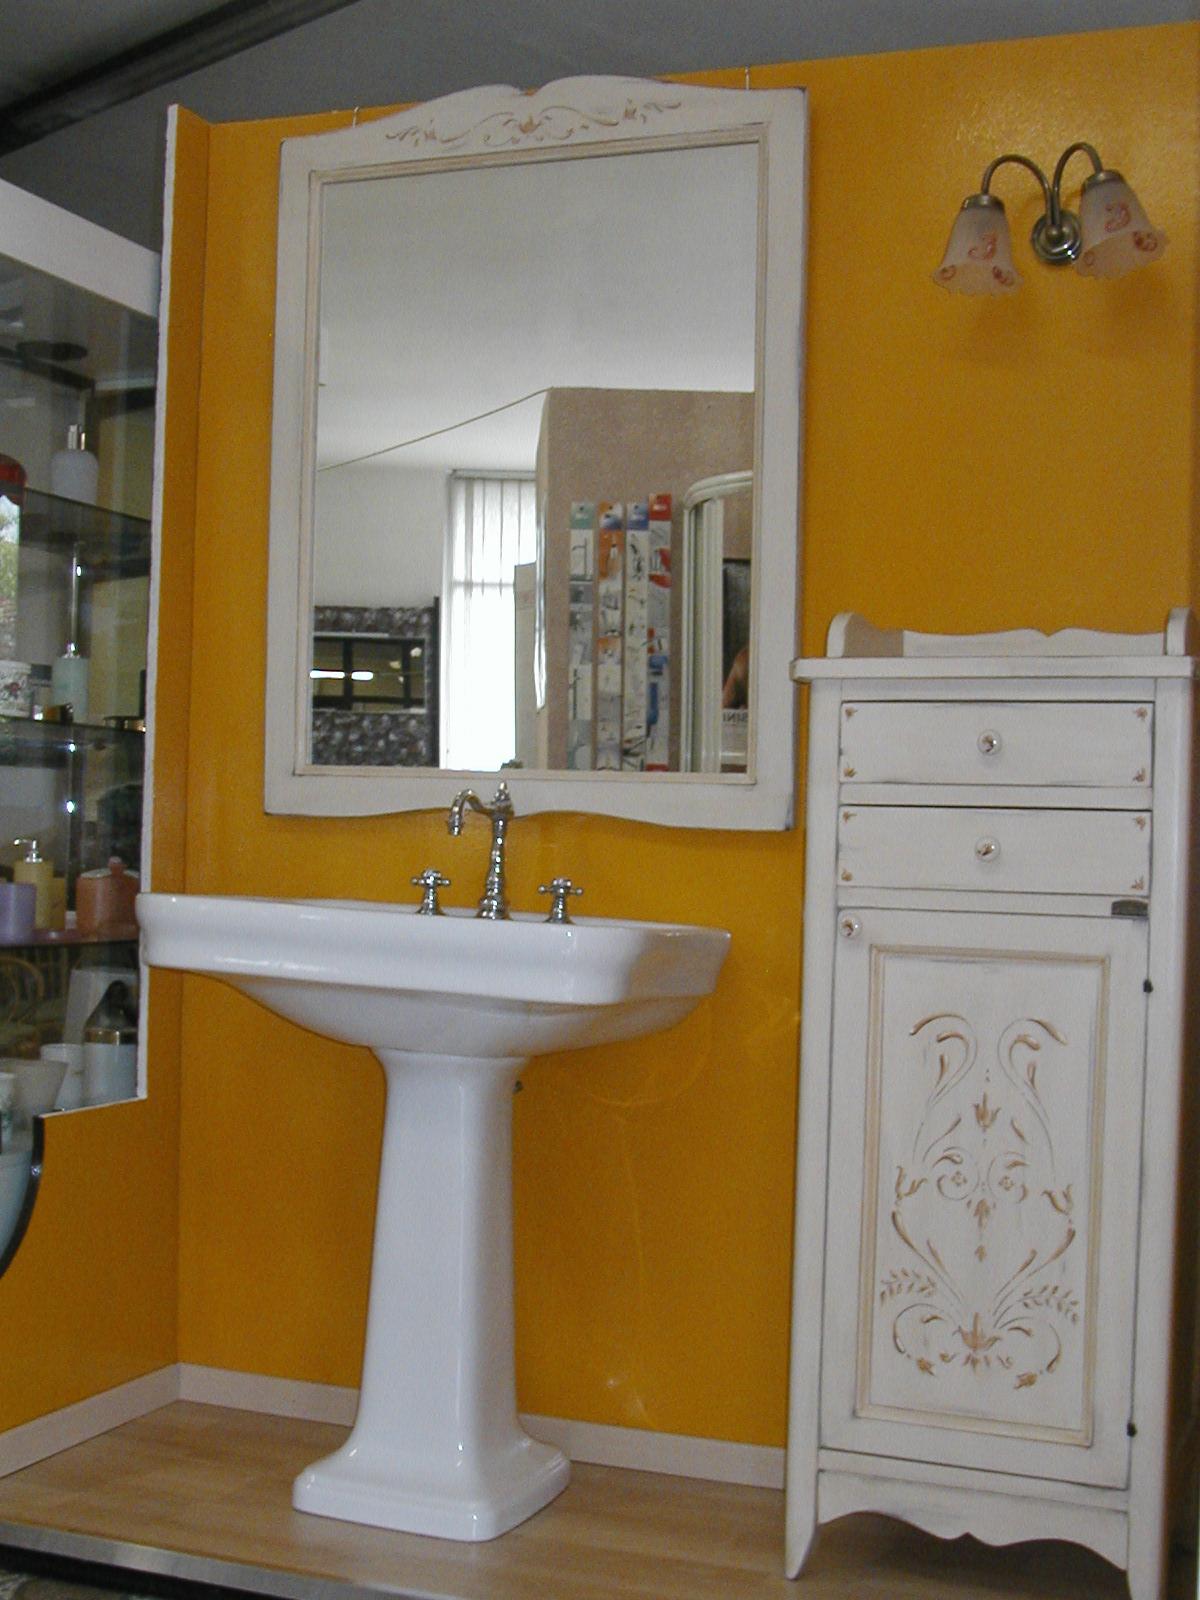 idraulica pelamatti - mobili da bagno offerta show room outlet ... - Arredo Bagno Barlassina